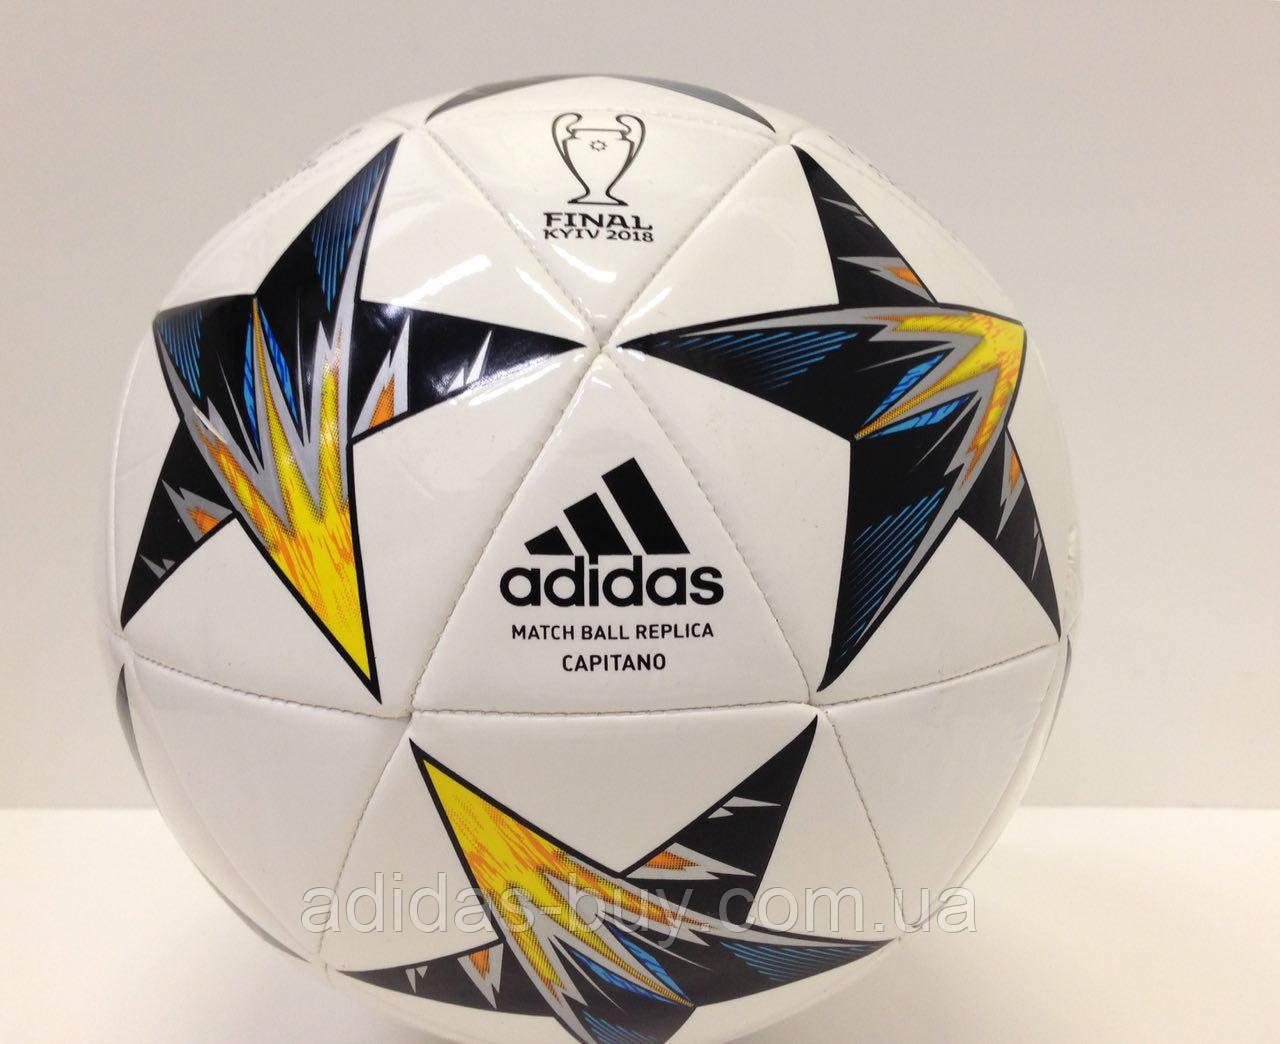 Мяч Adidas - Объявления в Украине на BESPLATKA.ua cd6854683b473